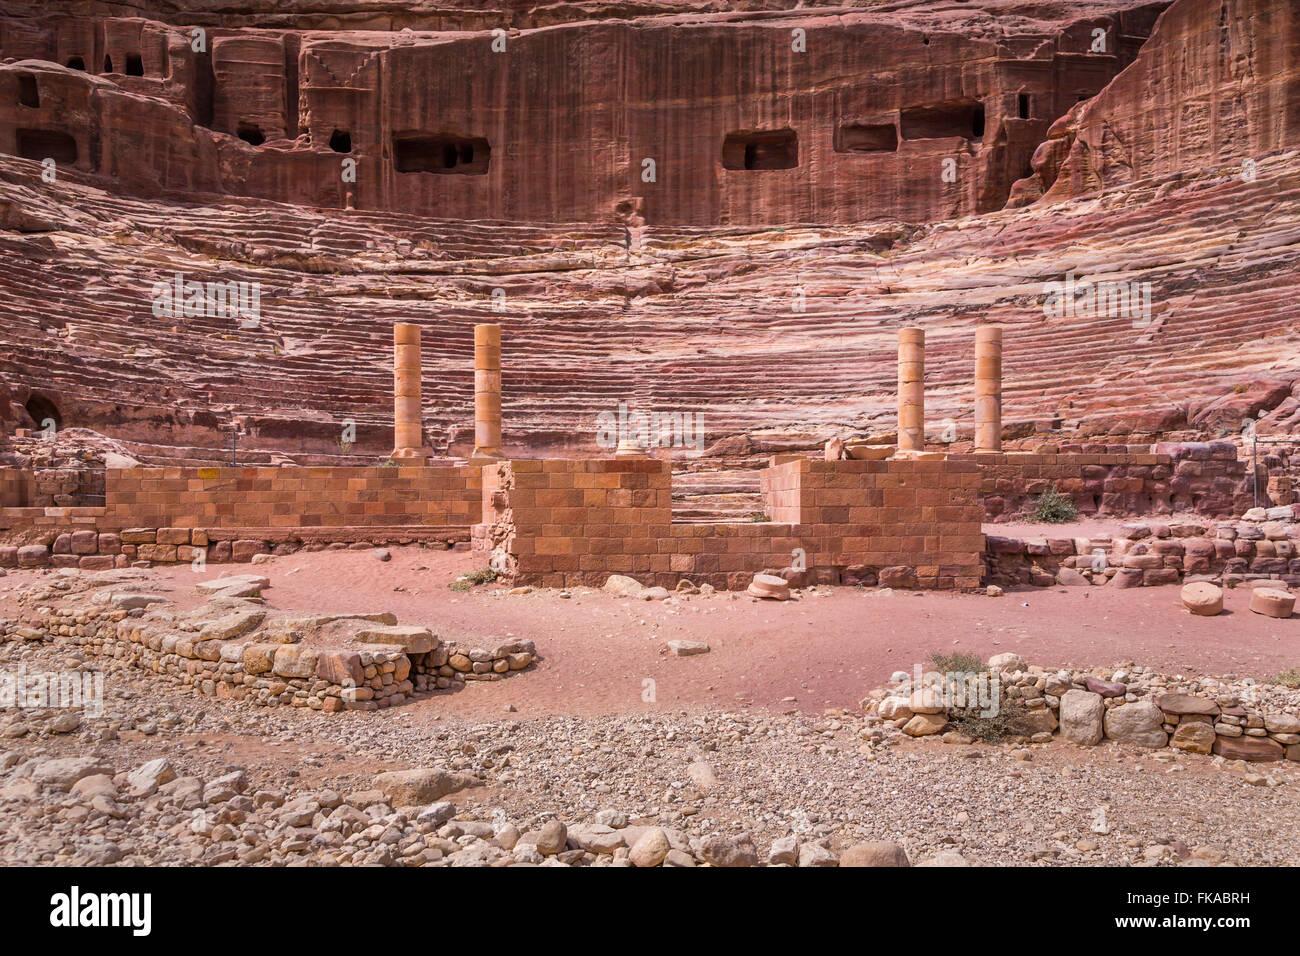 Le théâtre dans les ruines de Pétra, Royaume hachémite de Jordanie. Photo Stock